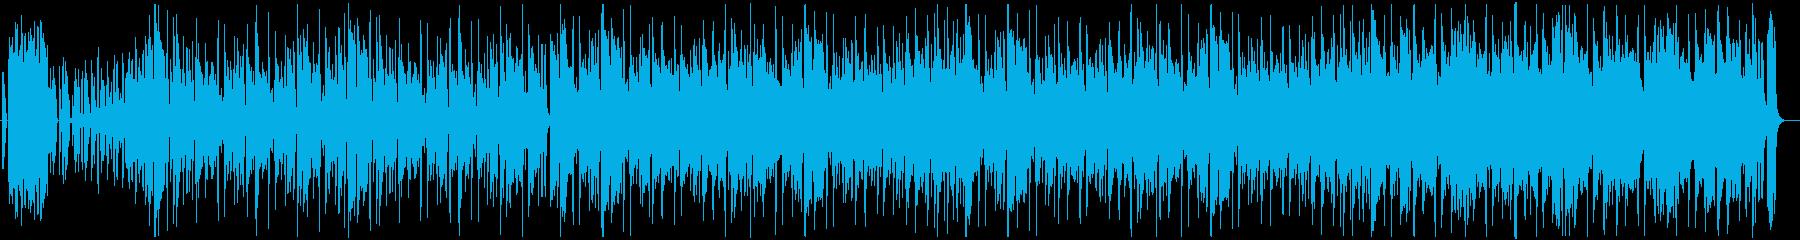 おしゃれでかっこいいジャズヒップ・ホップの再生済みの波形